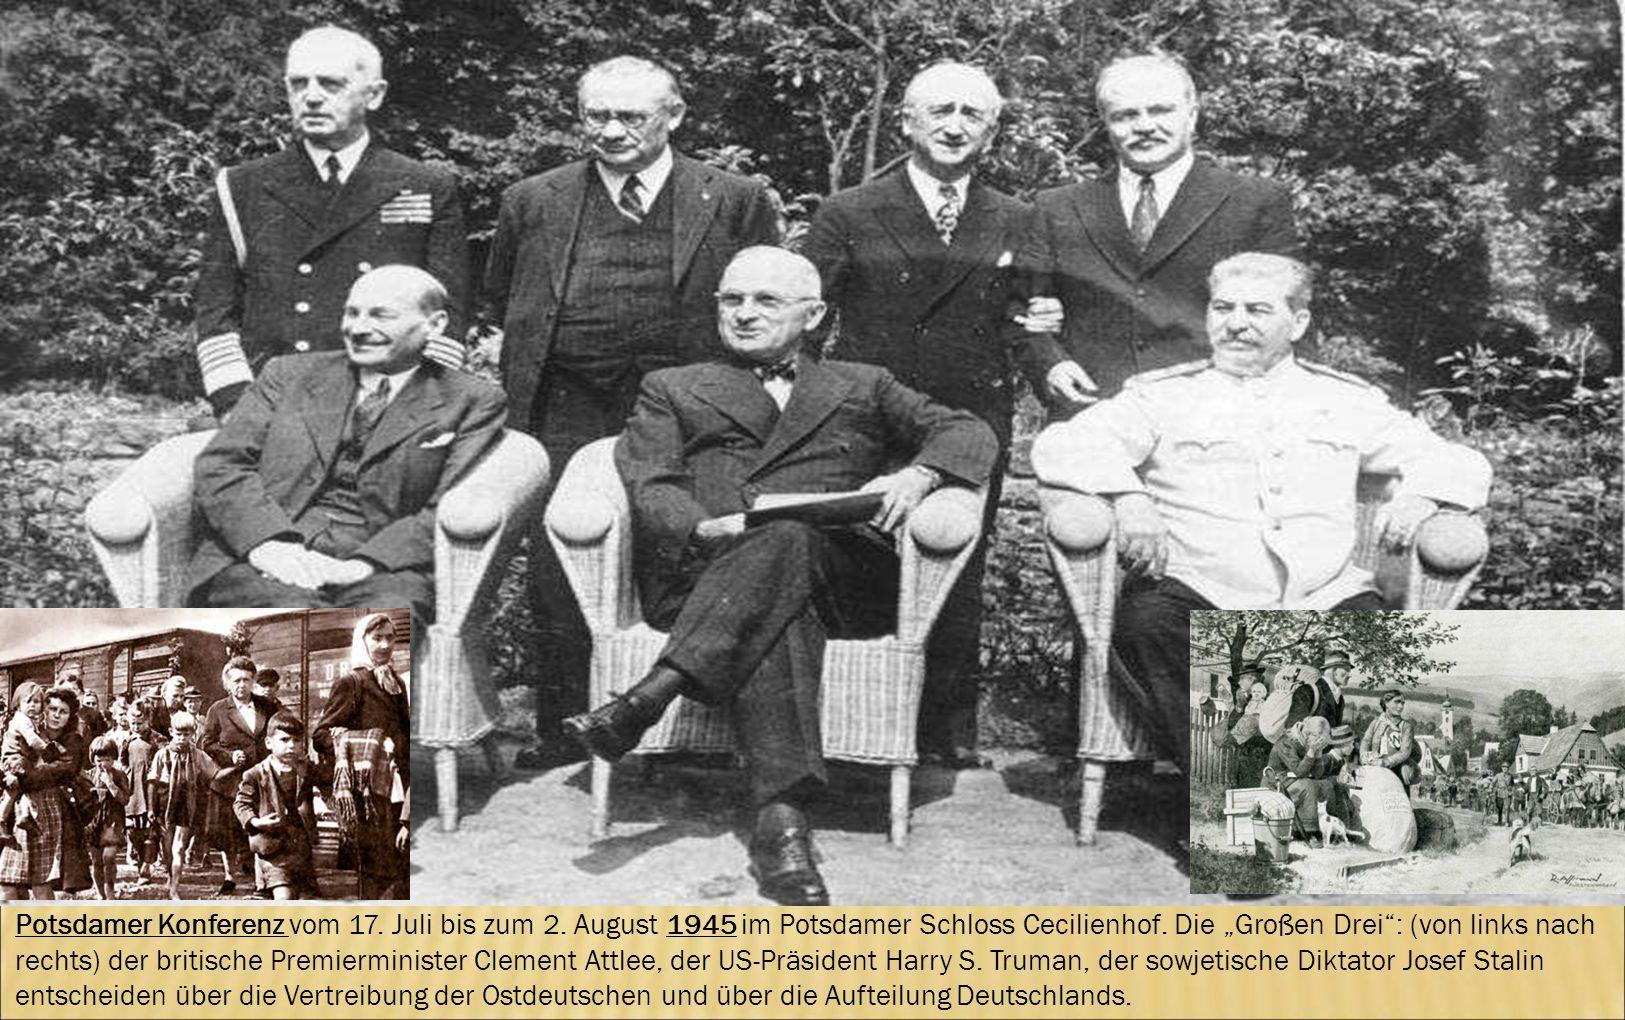 Potsdamer Konferenz vom 17. Juli bis zum 2. August 1945 im Potsdamer Schloss Cecilienhof. Die Großen Drei: (von links nach rechts) der britische Premi